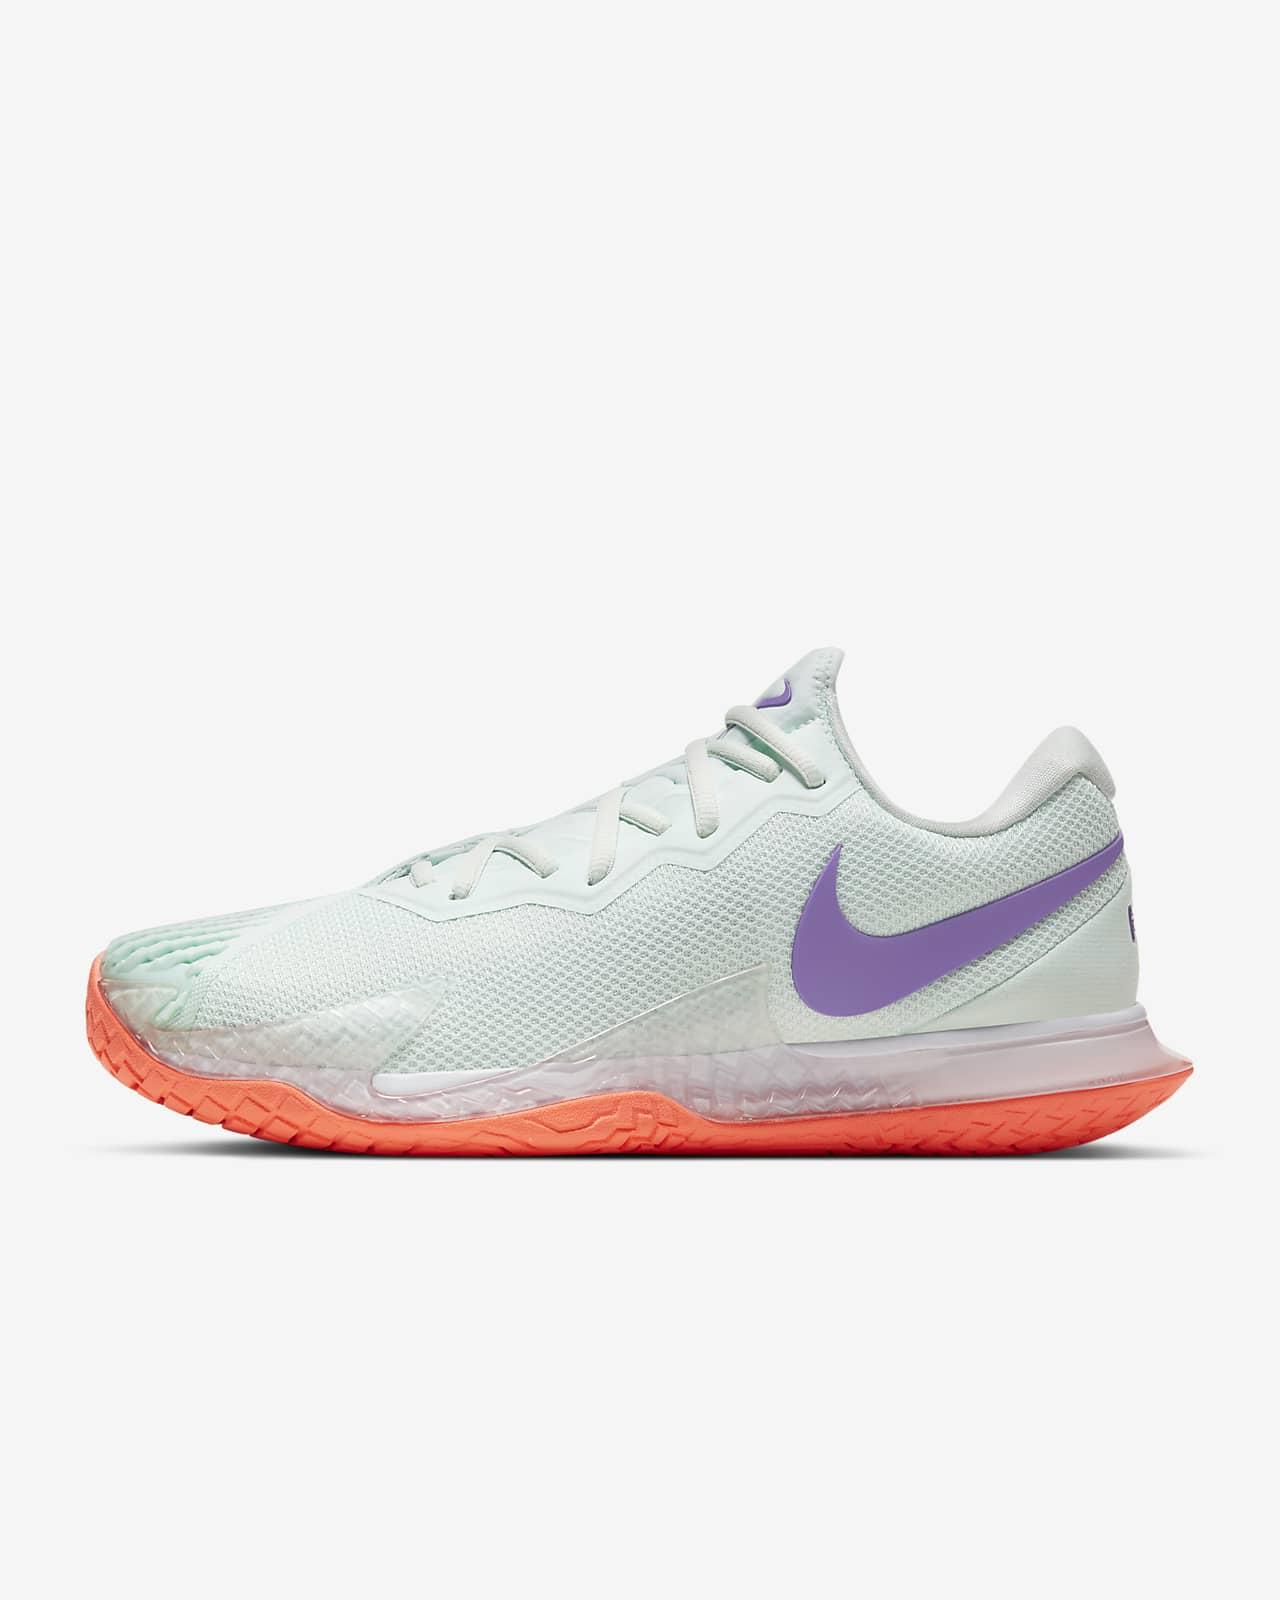 Calzado de tenis de cancha dura para hombre NikeCourt Zoom Vapor Cage 4 Rafa